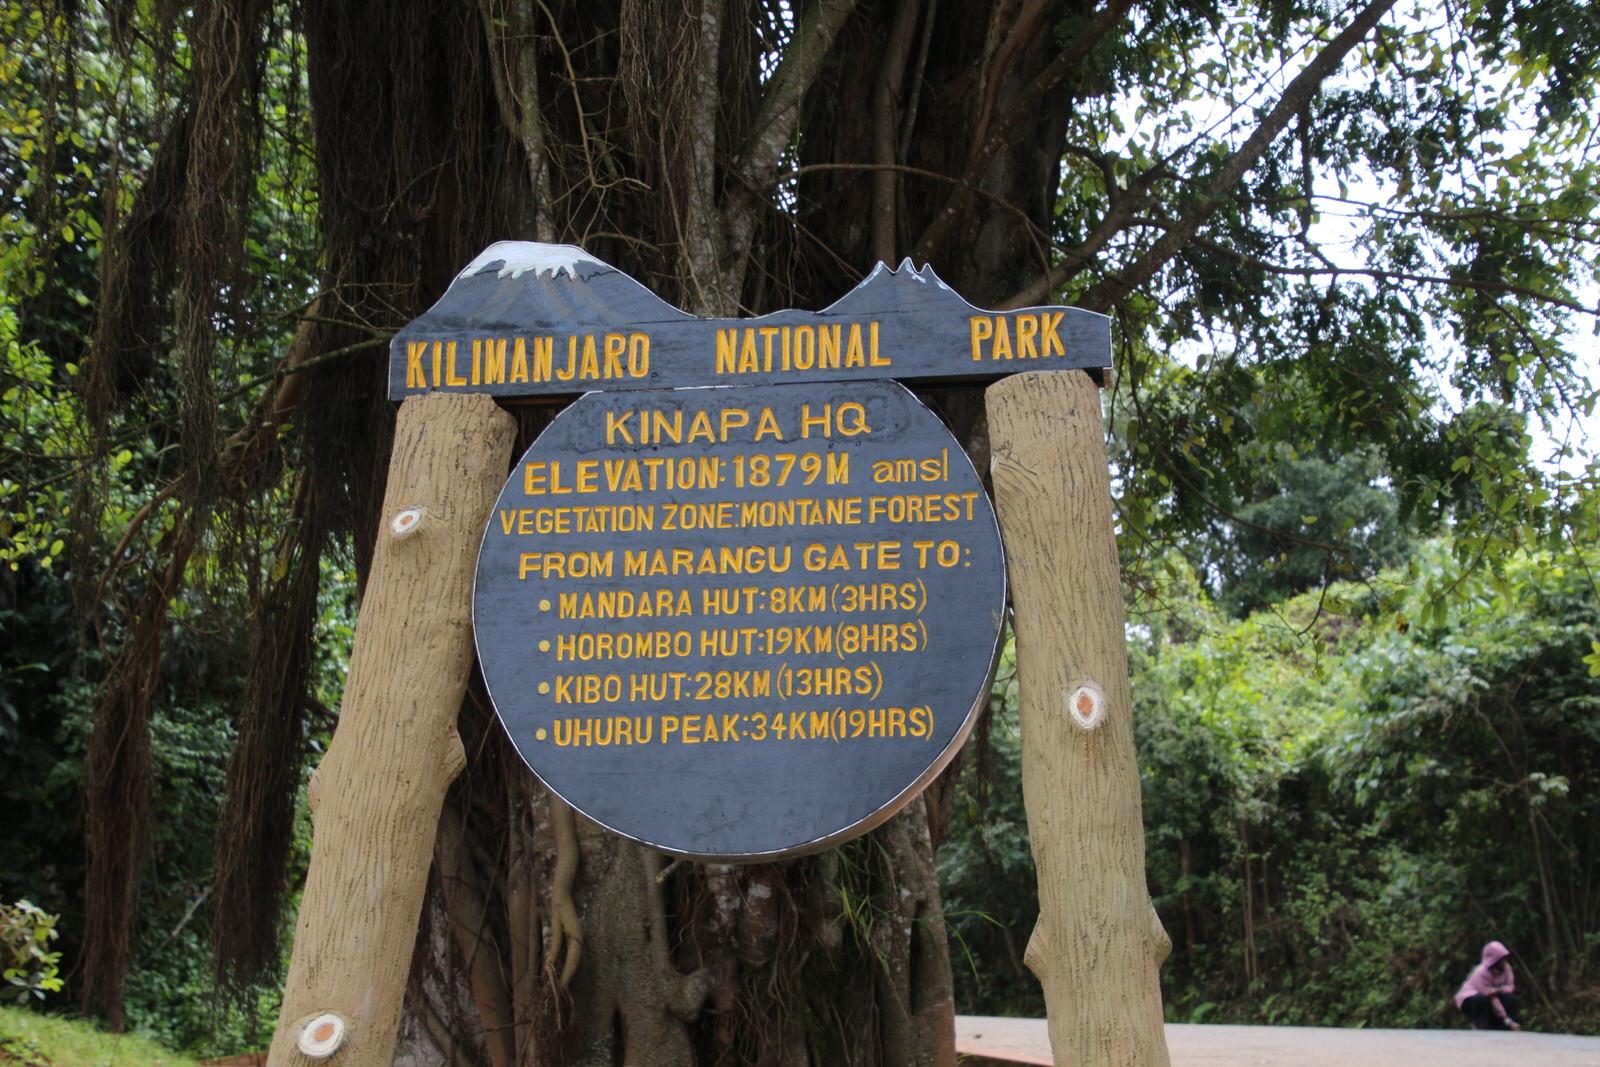 kilimanjaro marangu